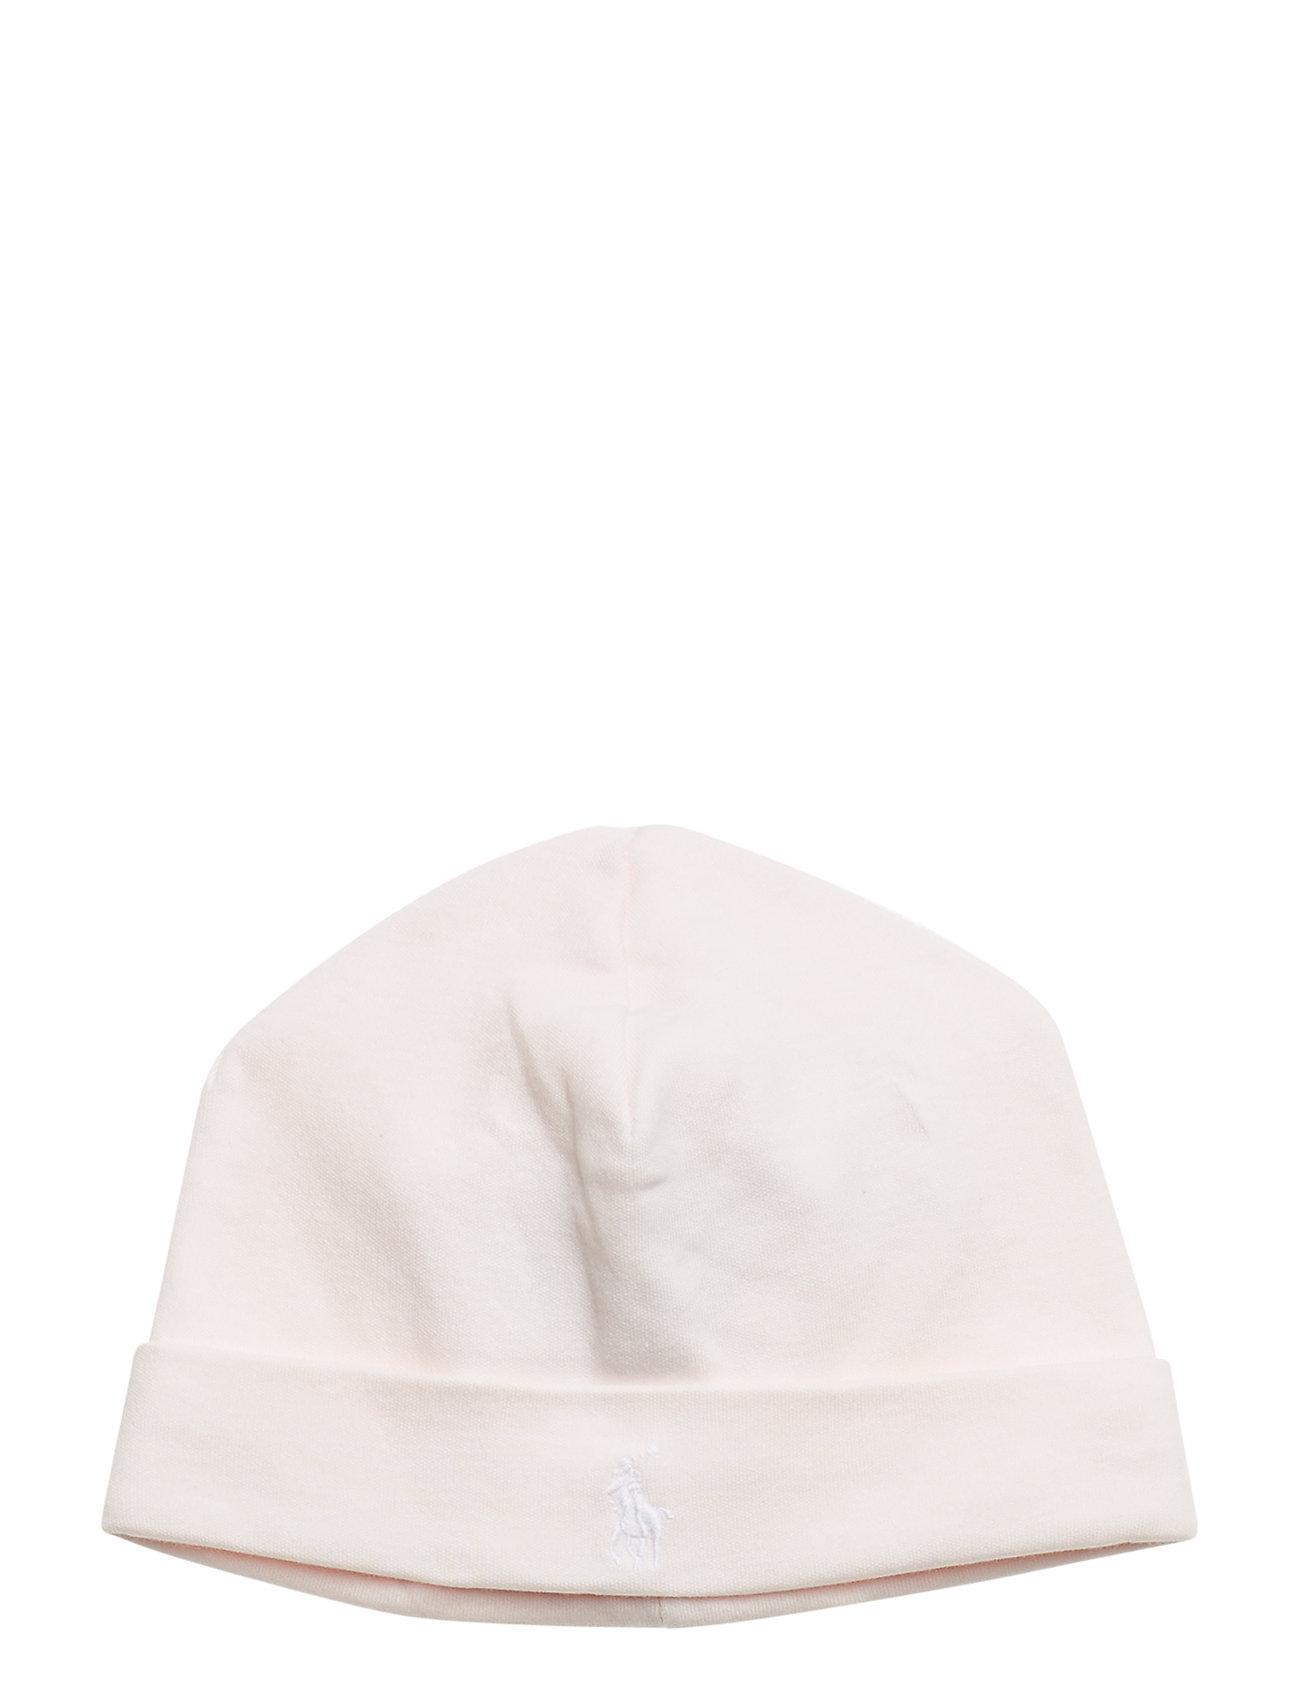 Ralph Lauren Baby Cotton Interlock Hat - DELICATE PINK